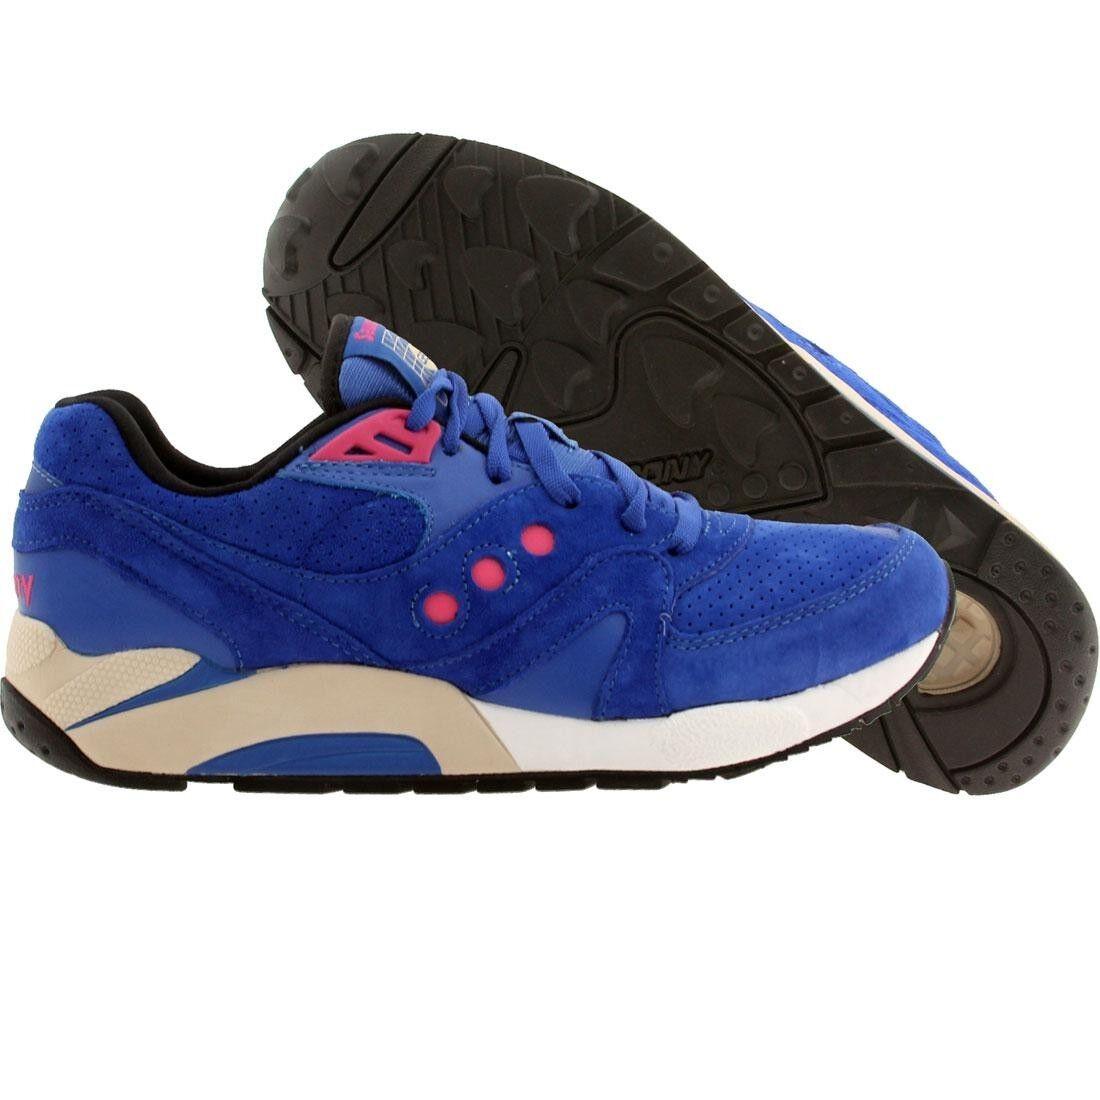 119.99 Saucony Men G9 Control Bright Blau S70163-3